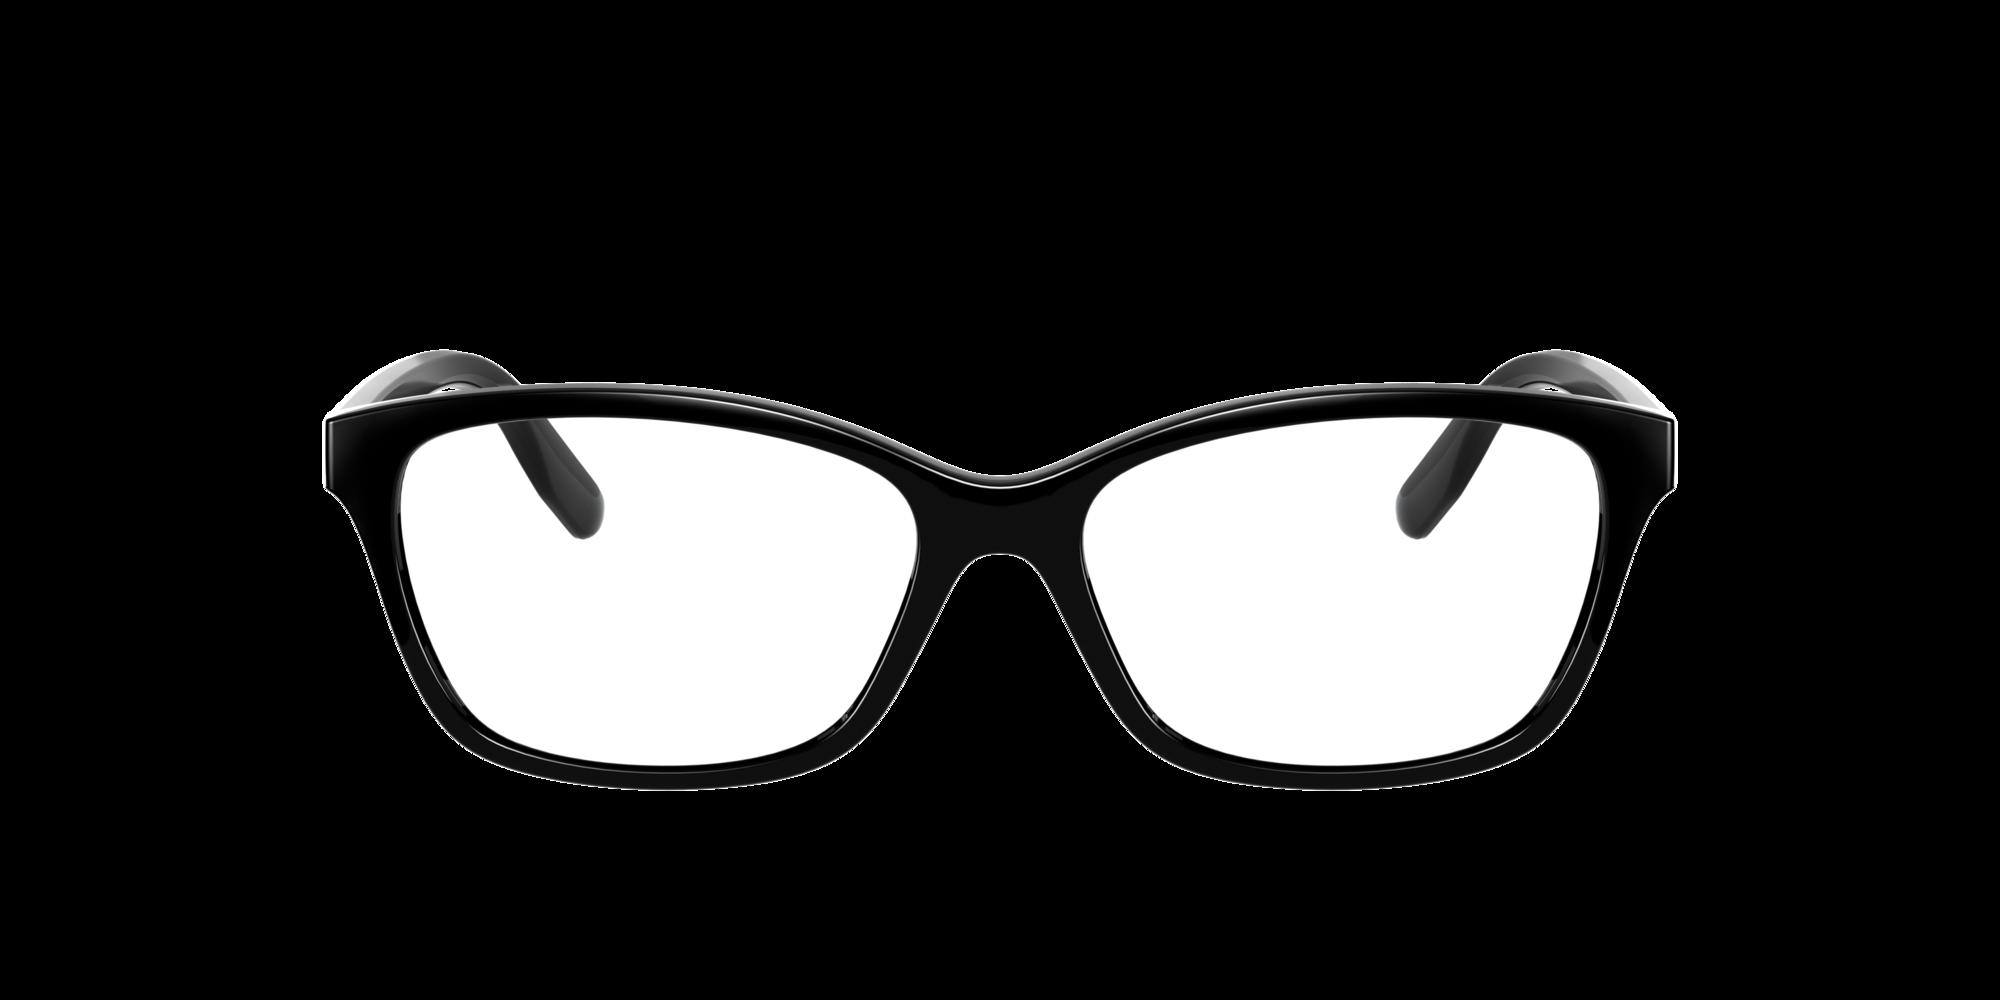 Imagen para CP3049 de LensCrafters |  Espejuelos, espejuelos graduados en línea, gafas